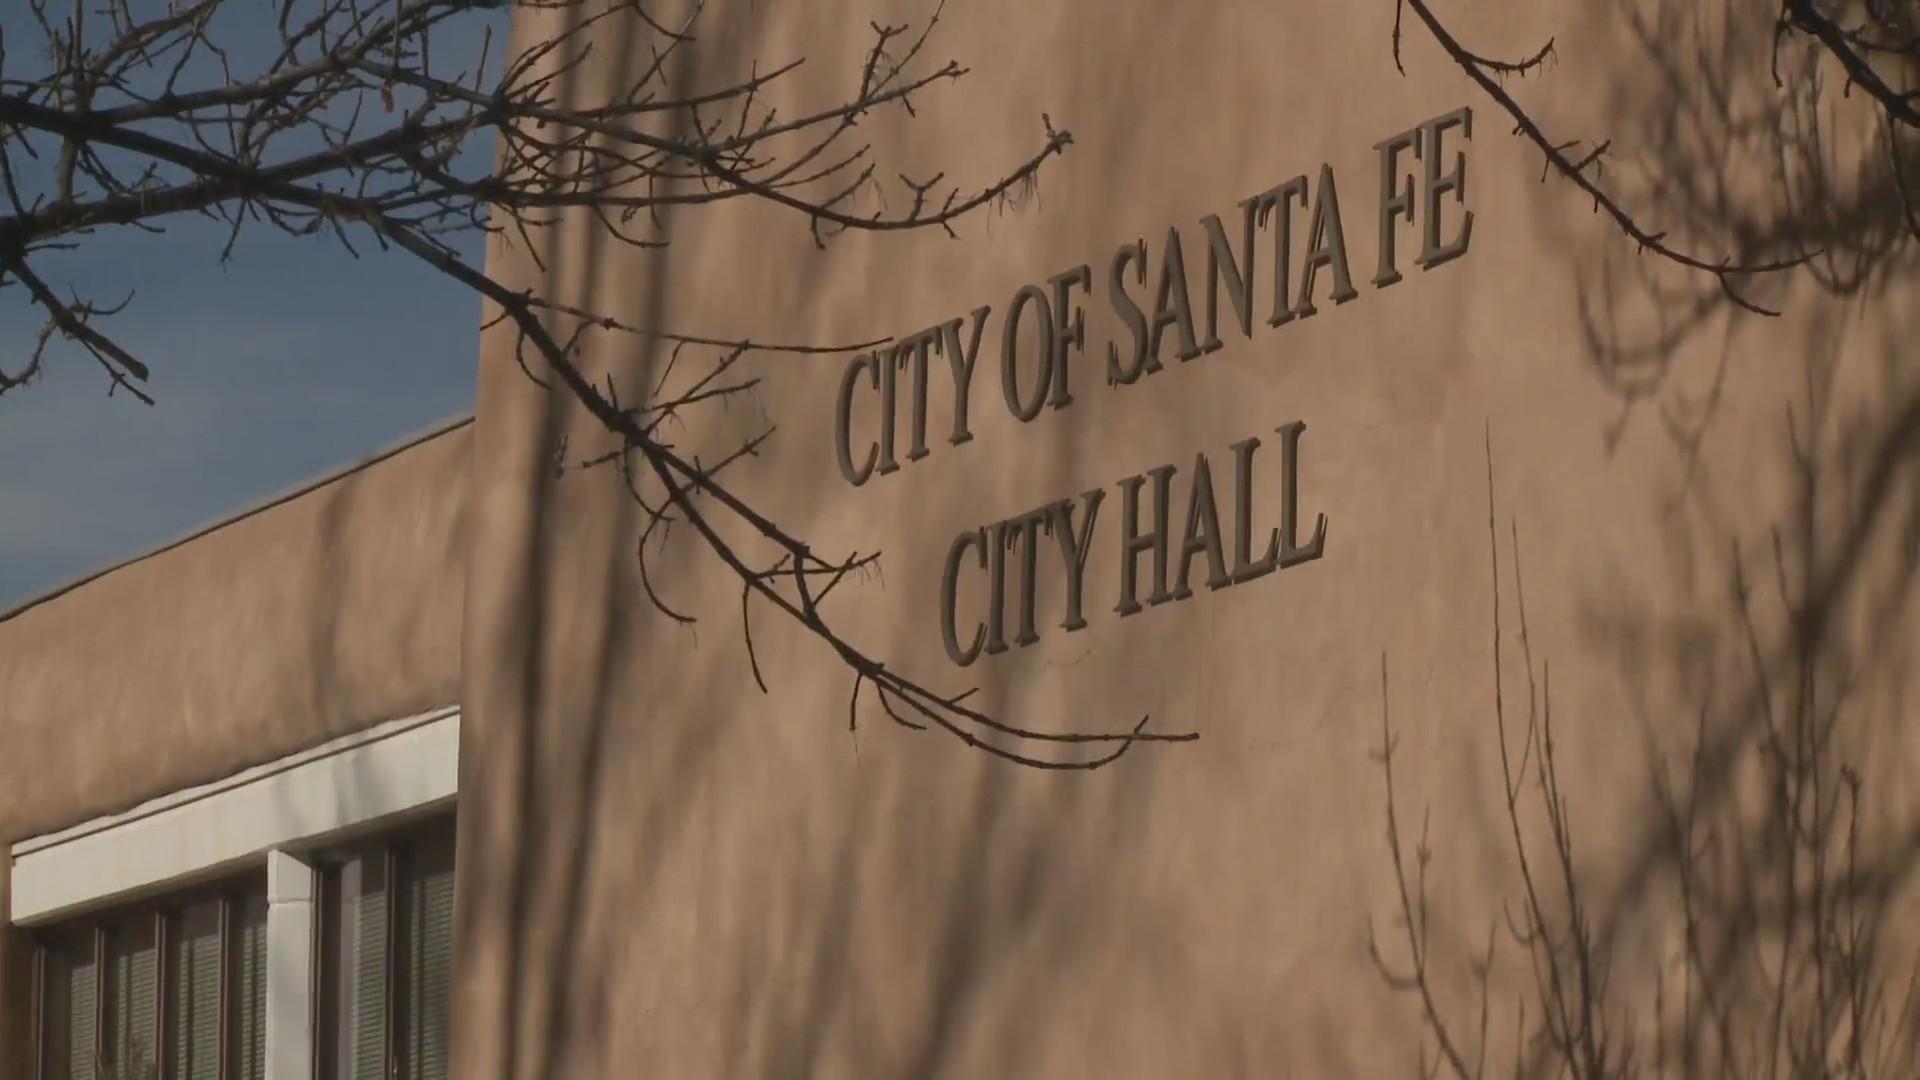 santa fe city hall